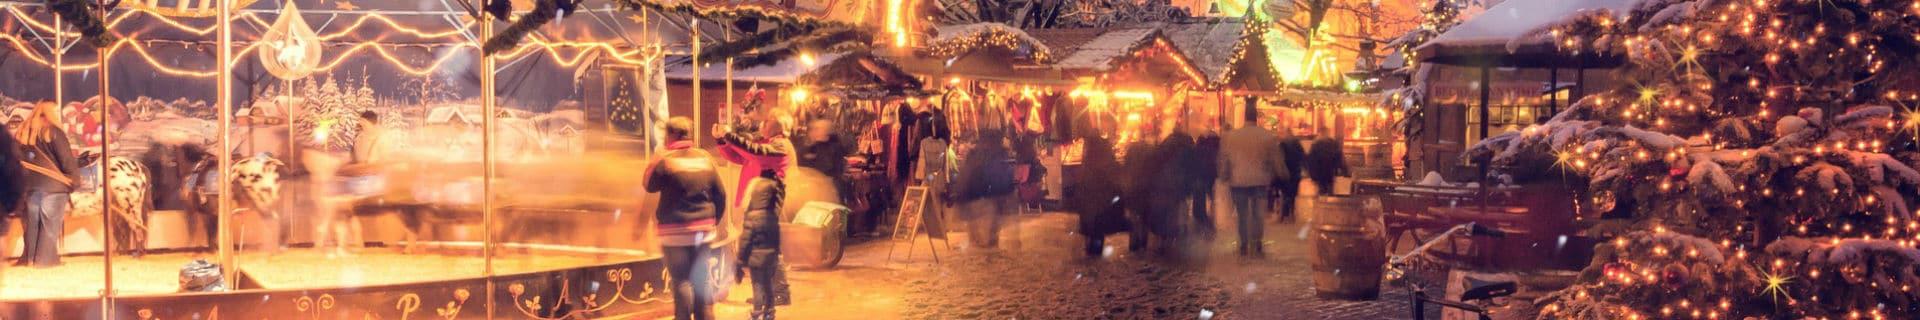 Top 5 Kerstmarkten In De Buurt Acsi Eurocampings Blog